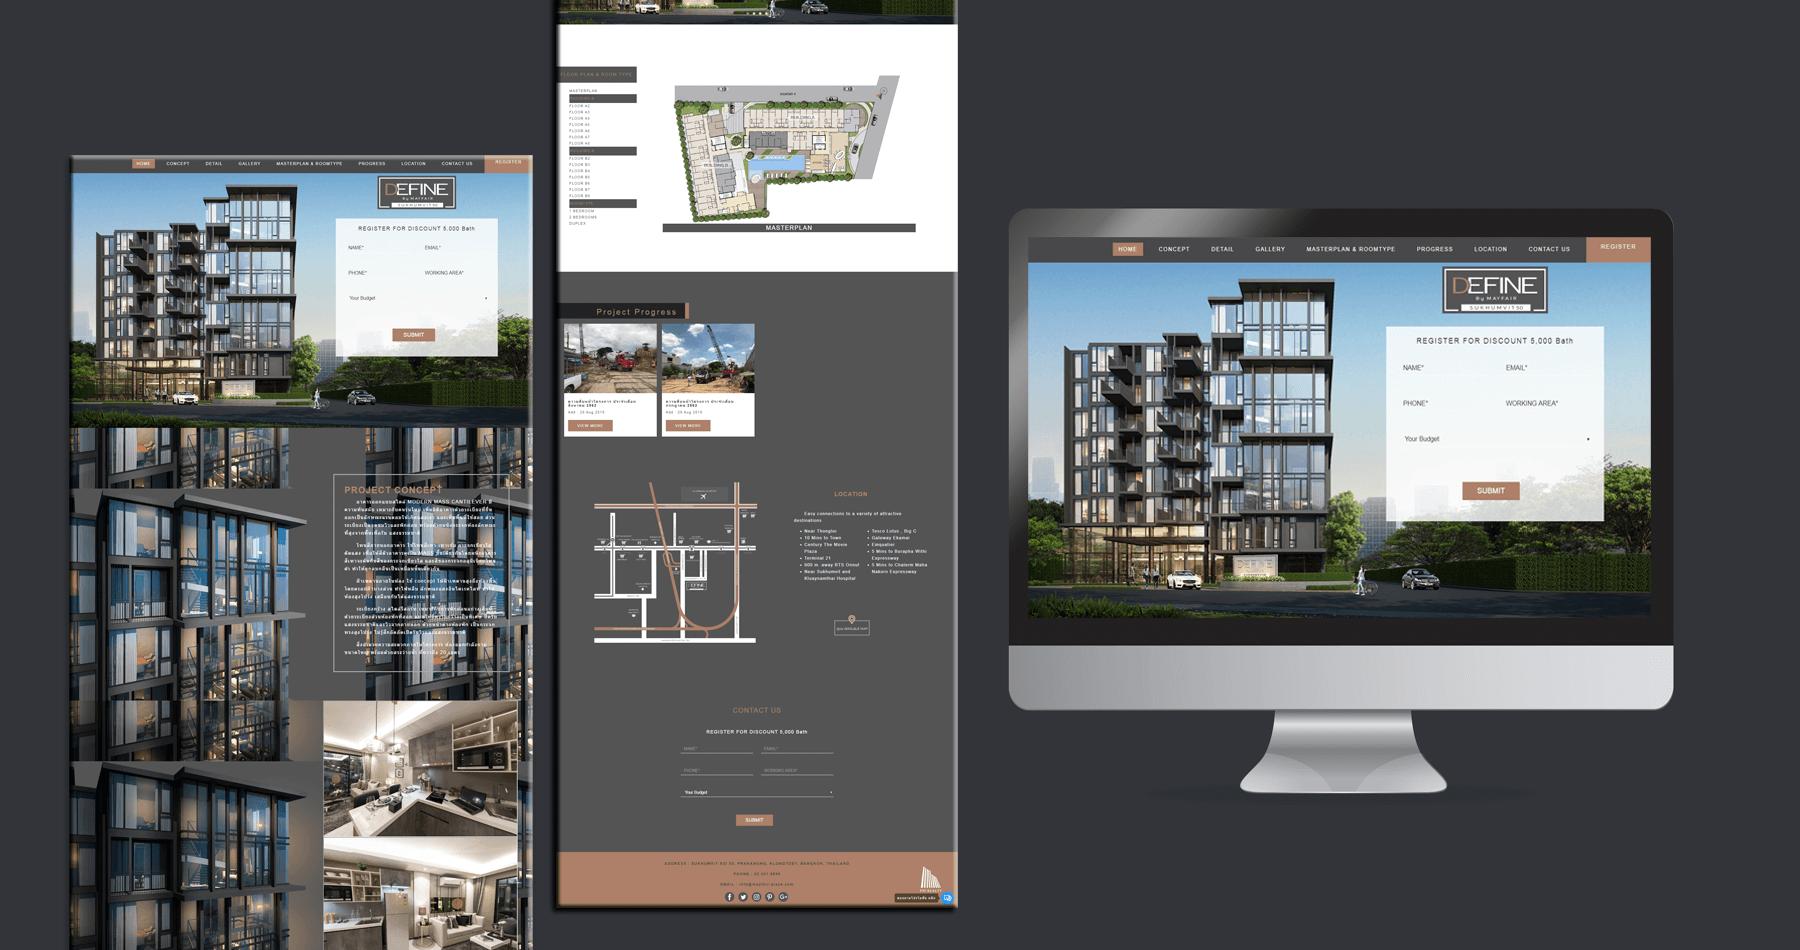 Real Estate Web Design | เคล็ดลับการออกแบบเว็บไซต์